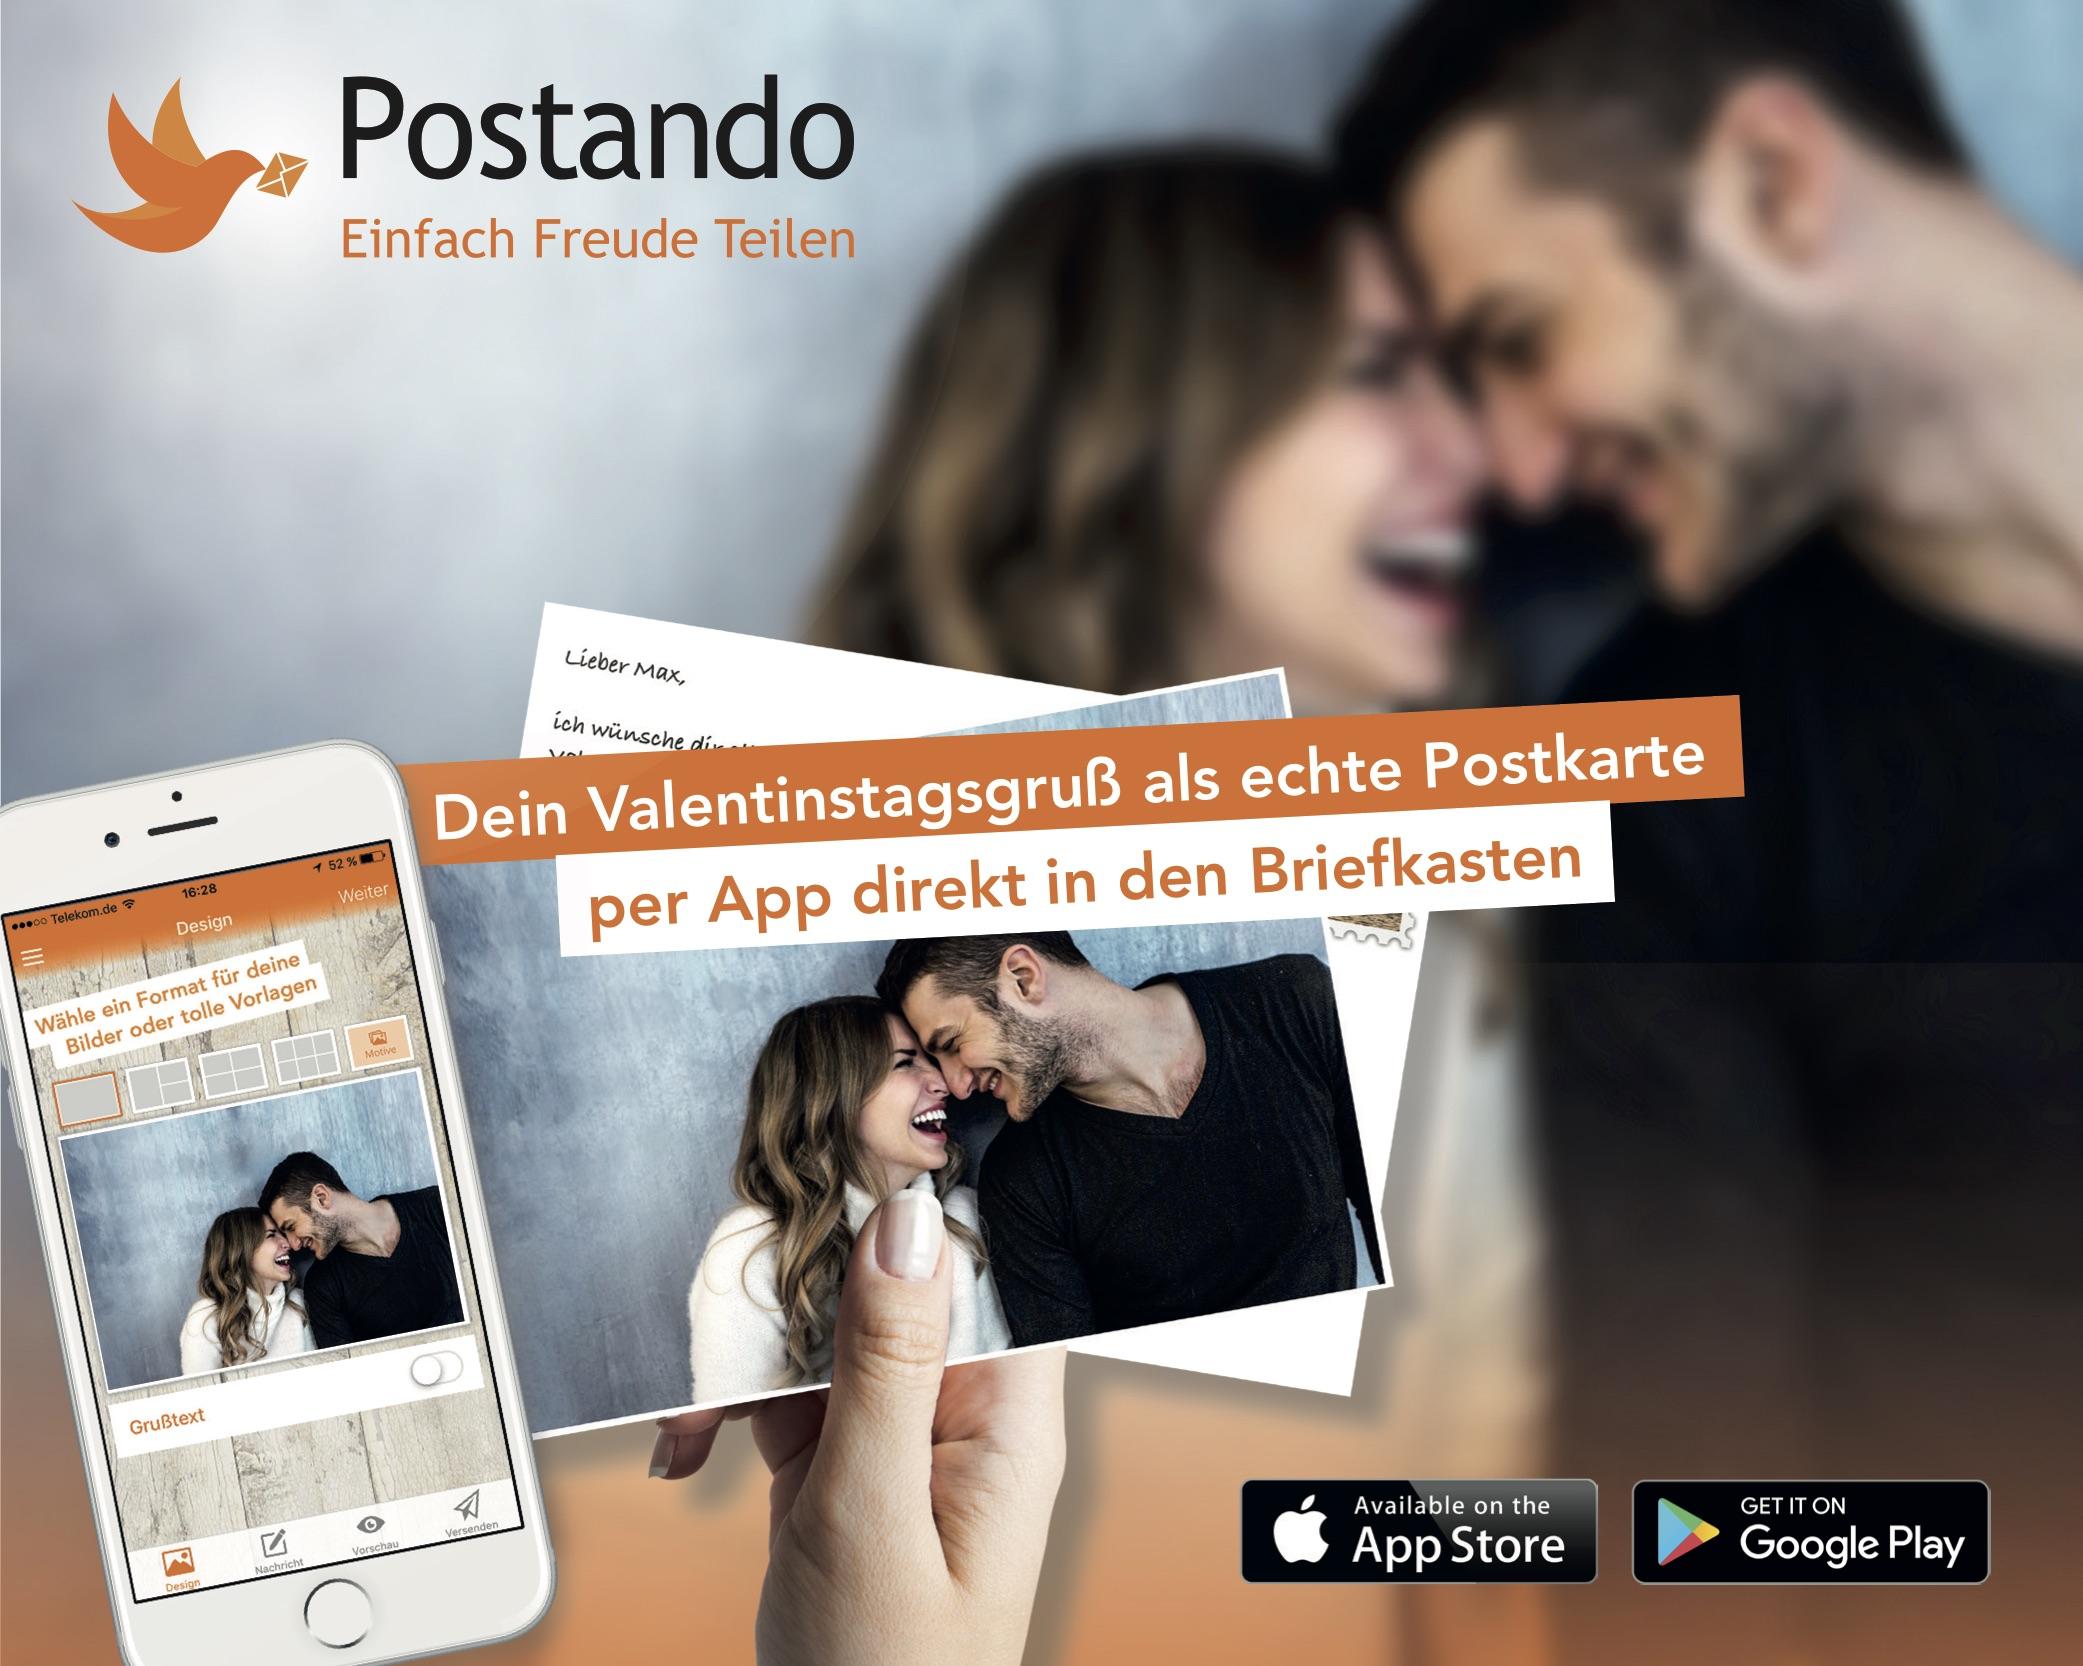 Gratis Valentinstagskarte mit eigenen Fotos versenden [Postando App Android & iOS]